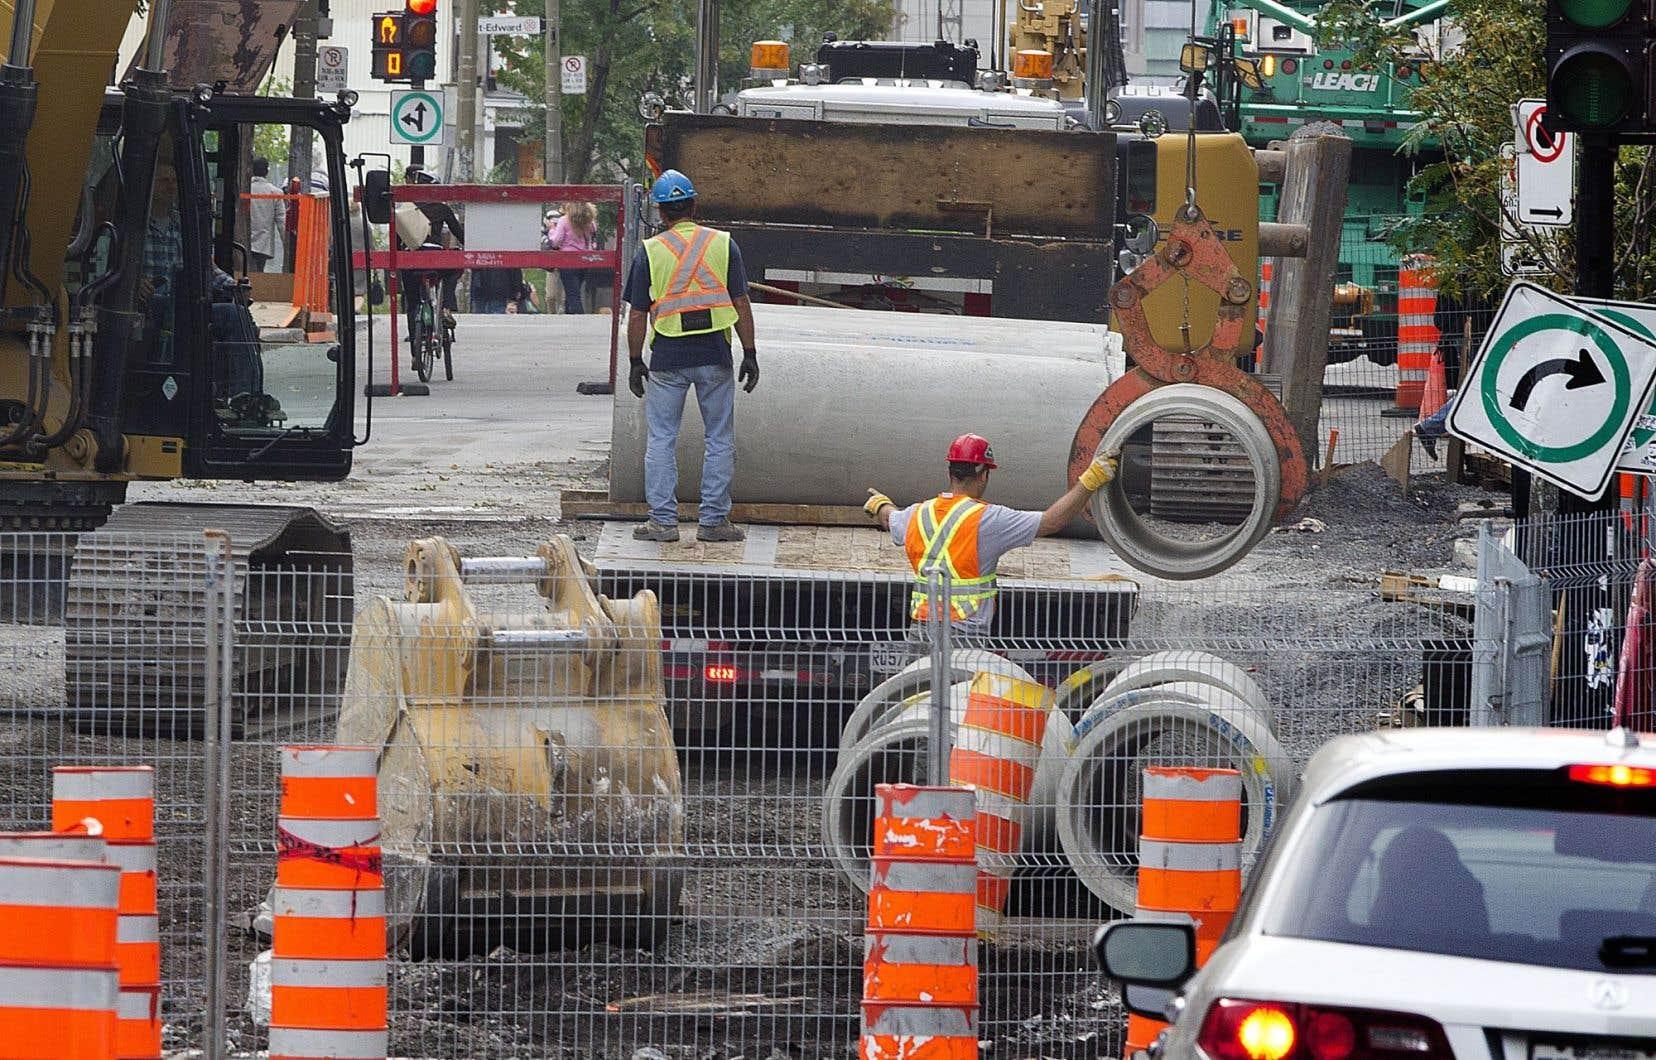 En novembre dernier, le maire Denis Coderre avait dit douter de la pertinence de créer l'AMP, dont le mandat s'apparente à celui du poste d'inspecteur général qu'il a créé pour Montréal.